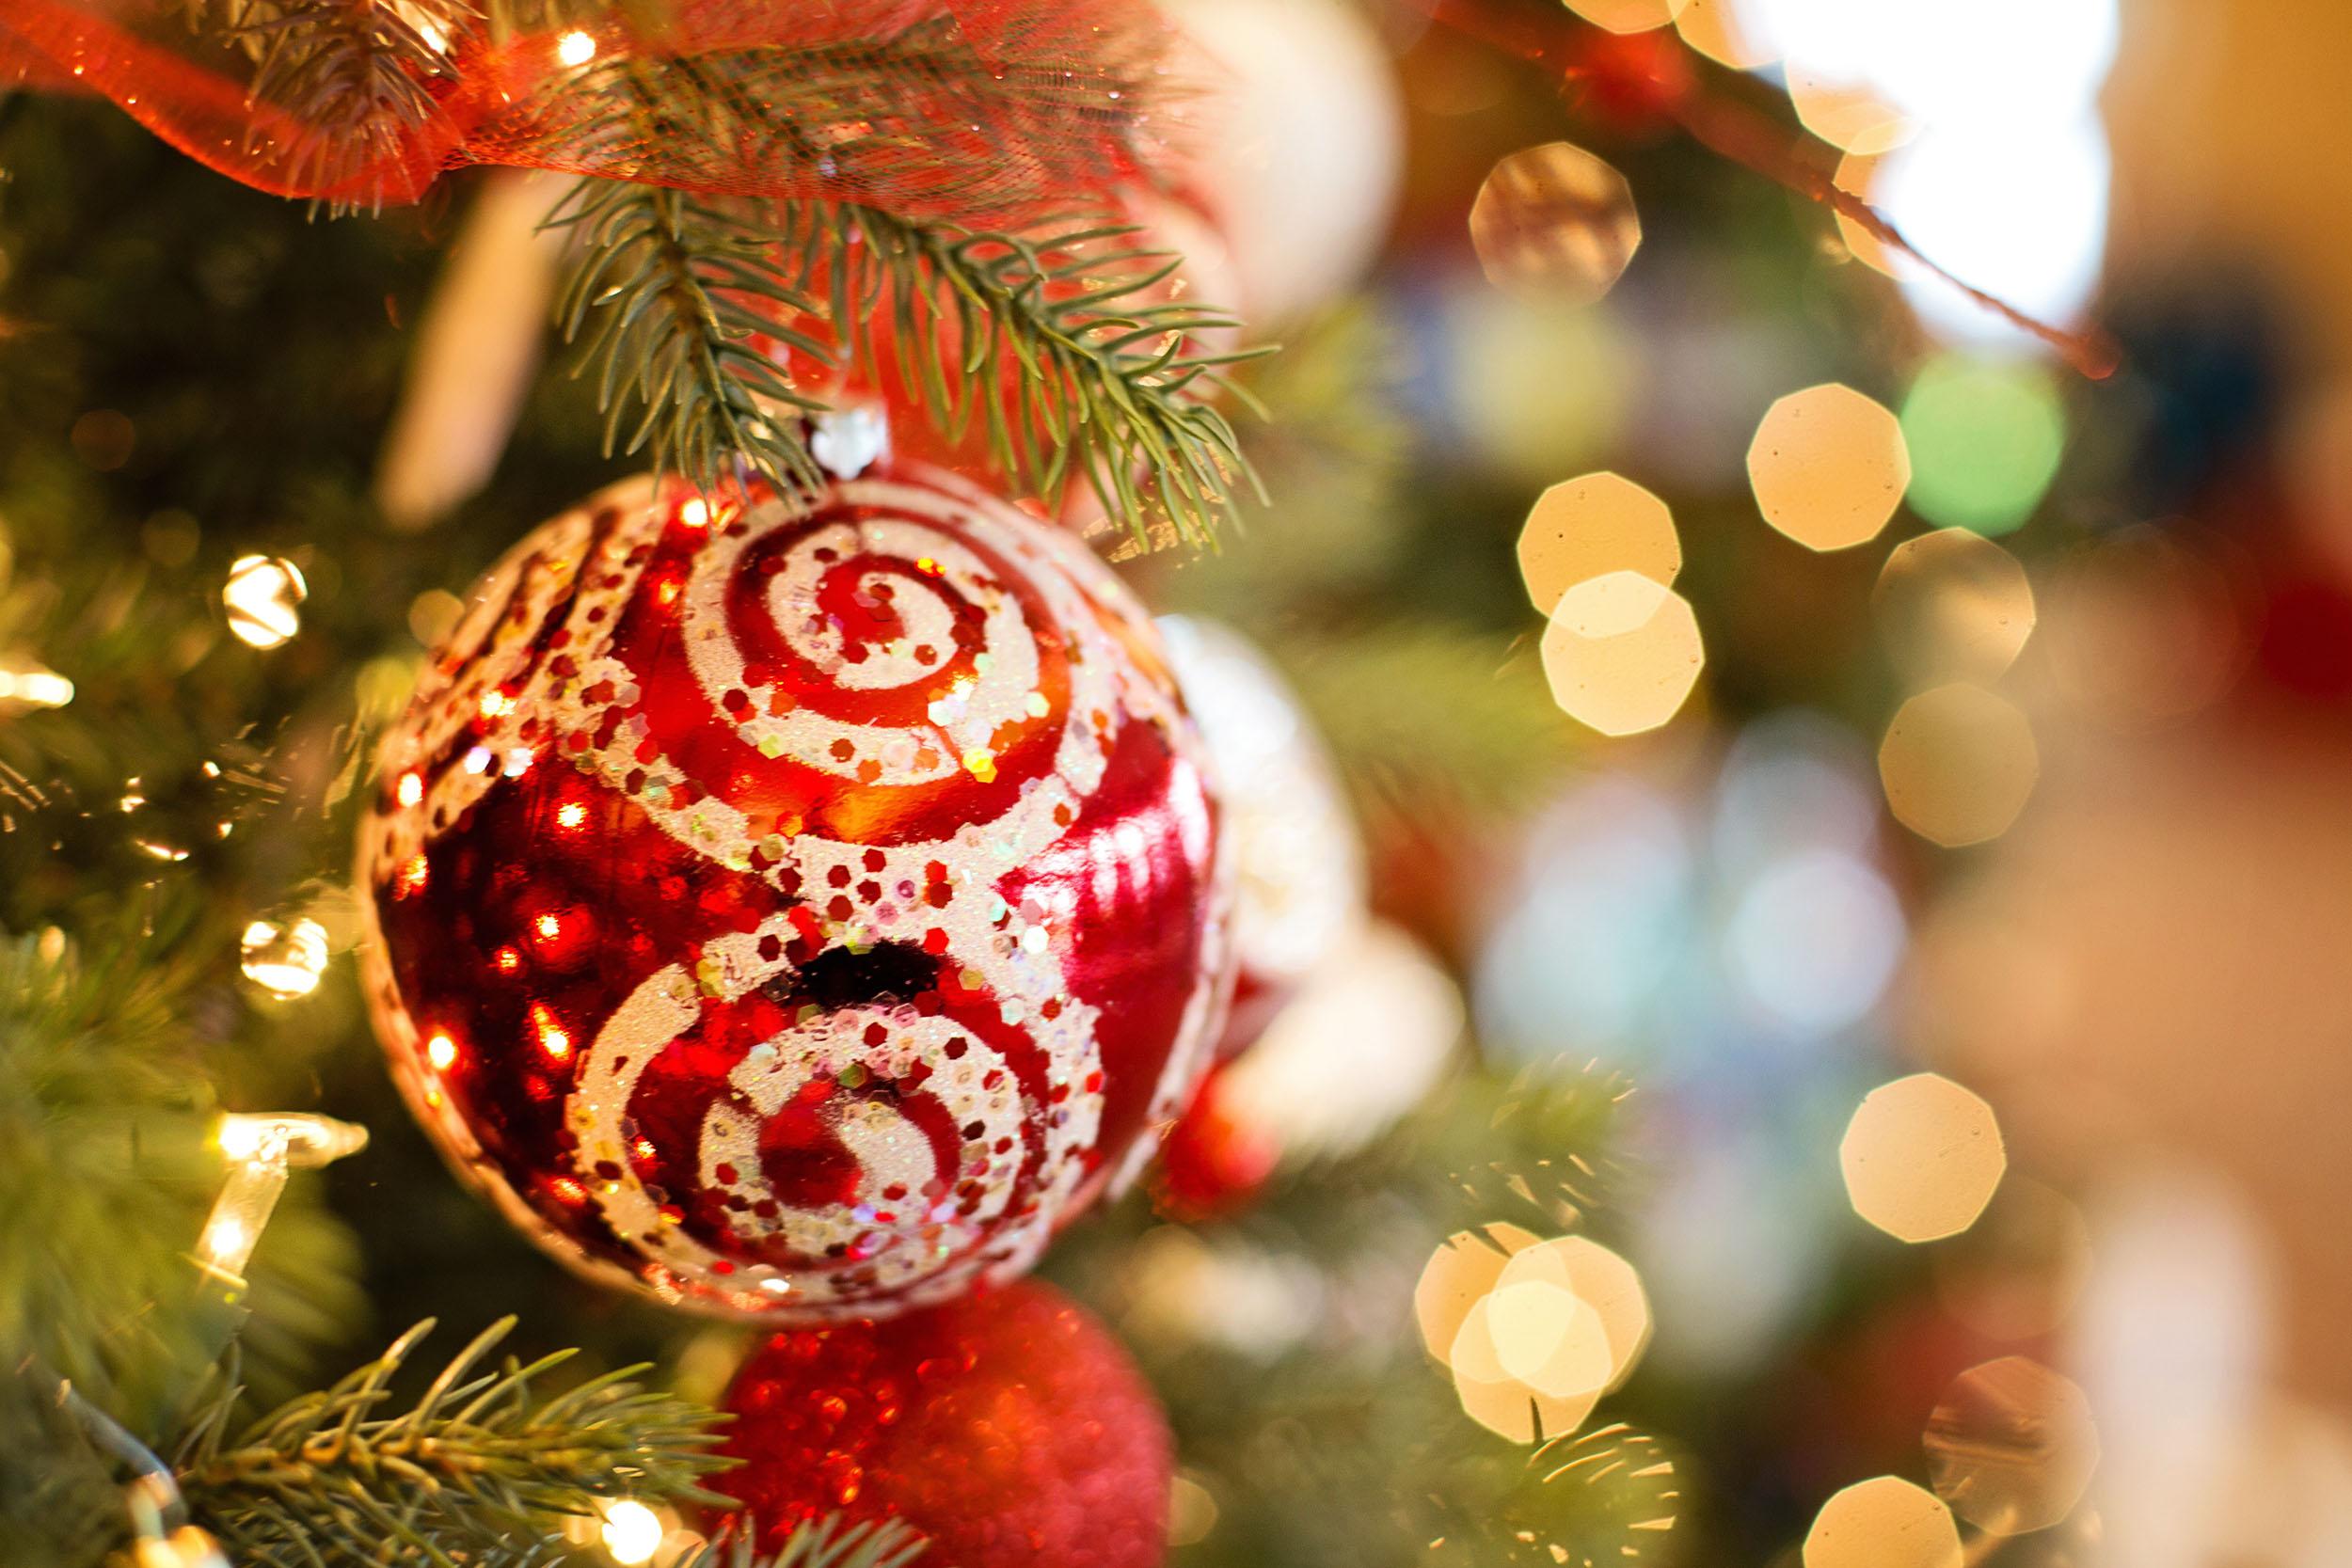 Photographier un sapin de Noël à l'aide d'un trépied